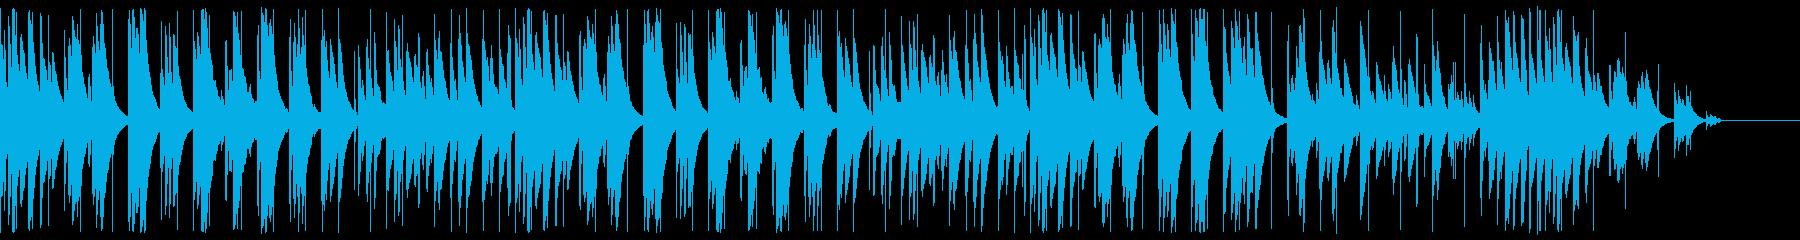 キラキラで神秘的なグロッケンのBGMの再生済みの波形